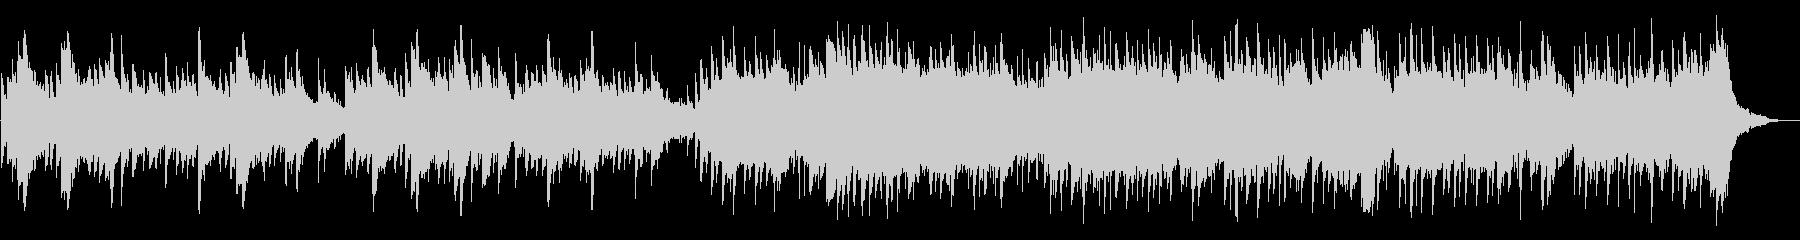 切なく美しいメロディのピアノ曲の未再生の波形